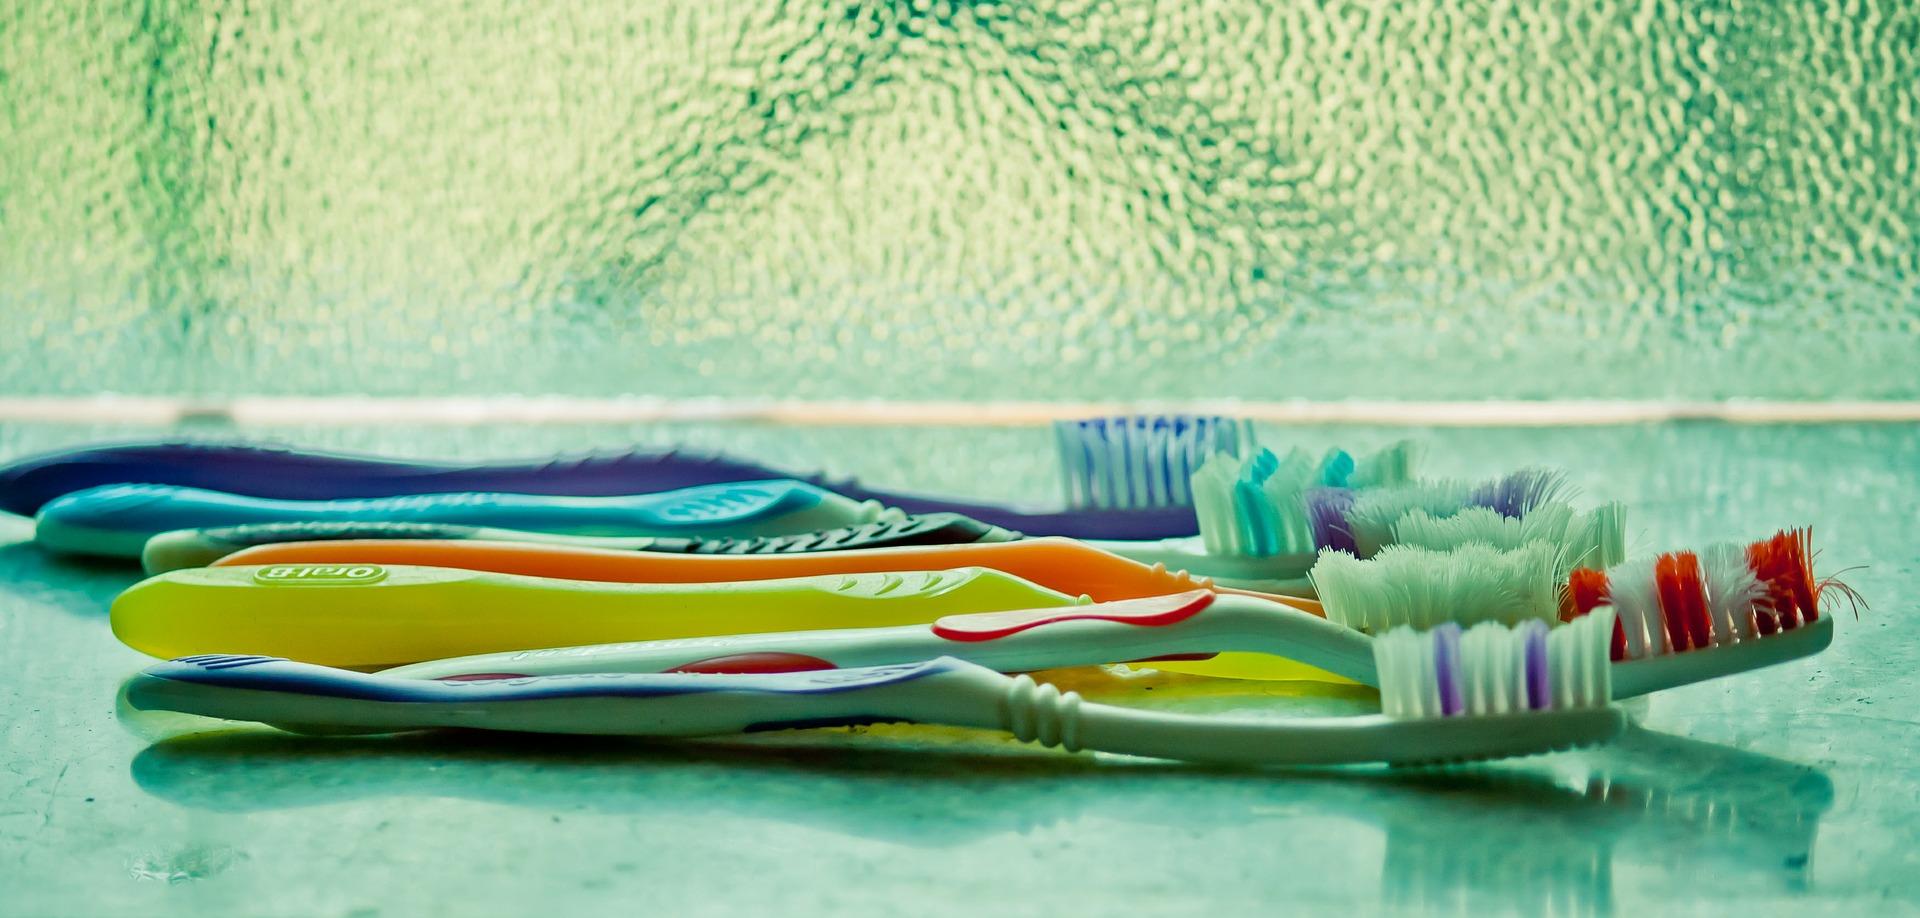 toothbrush-390870_1920